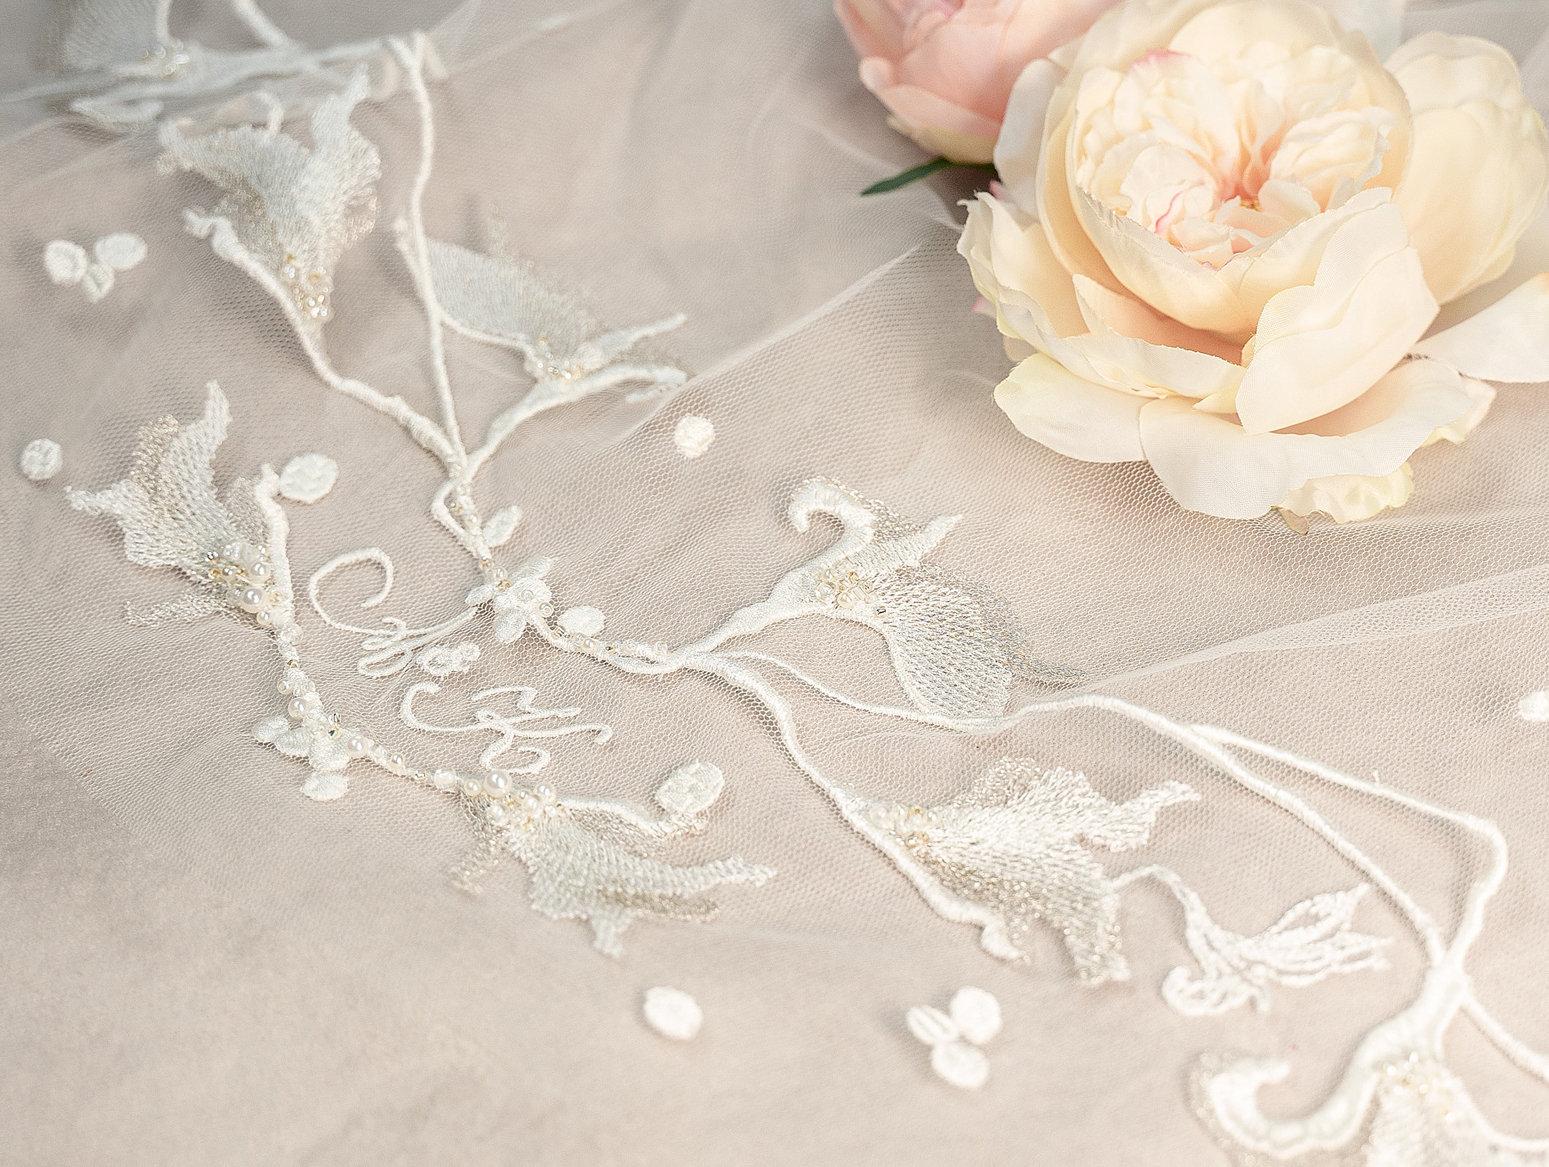 Lace appliquéd bridal veil